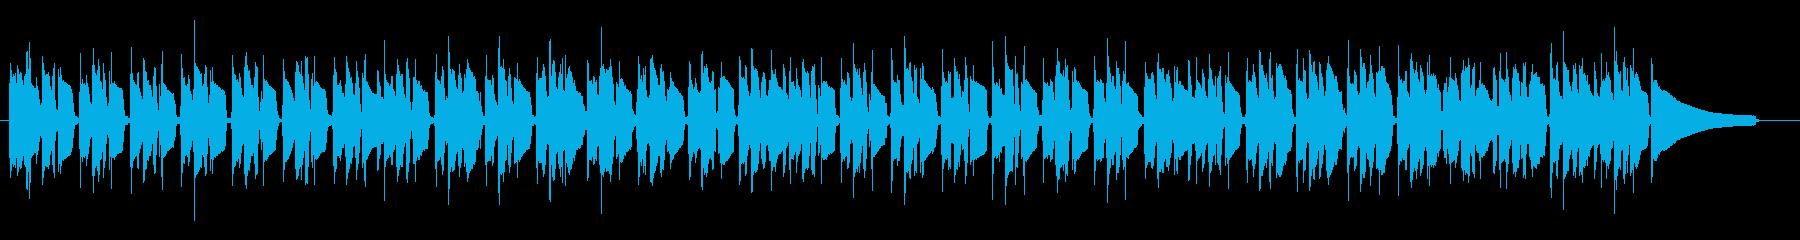 使いやすいファンク ドラム無し版の再生済みの波形